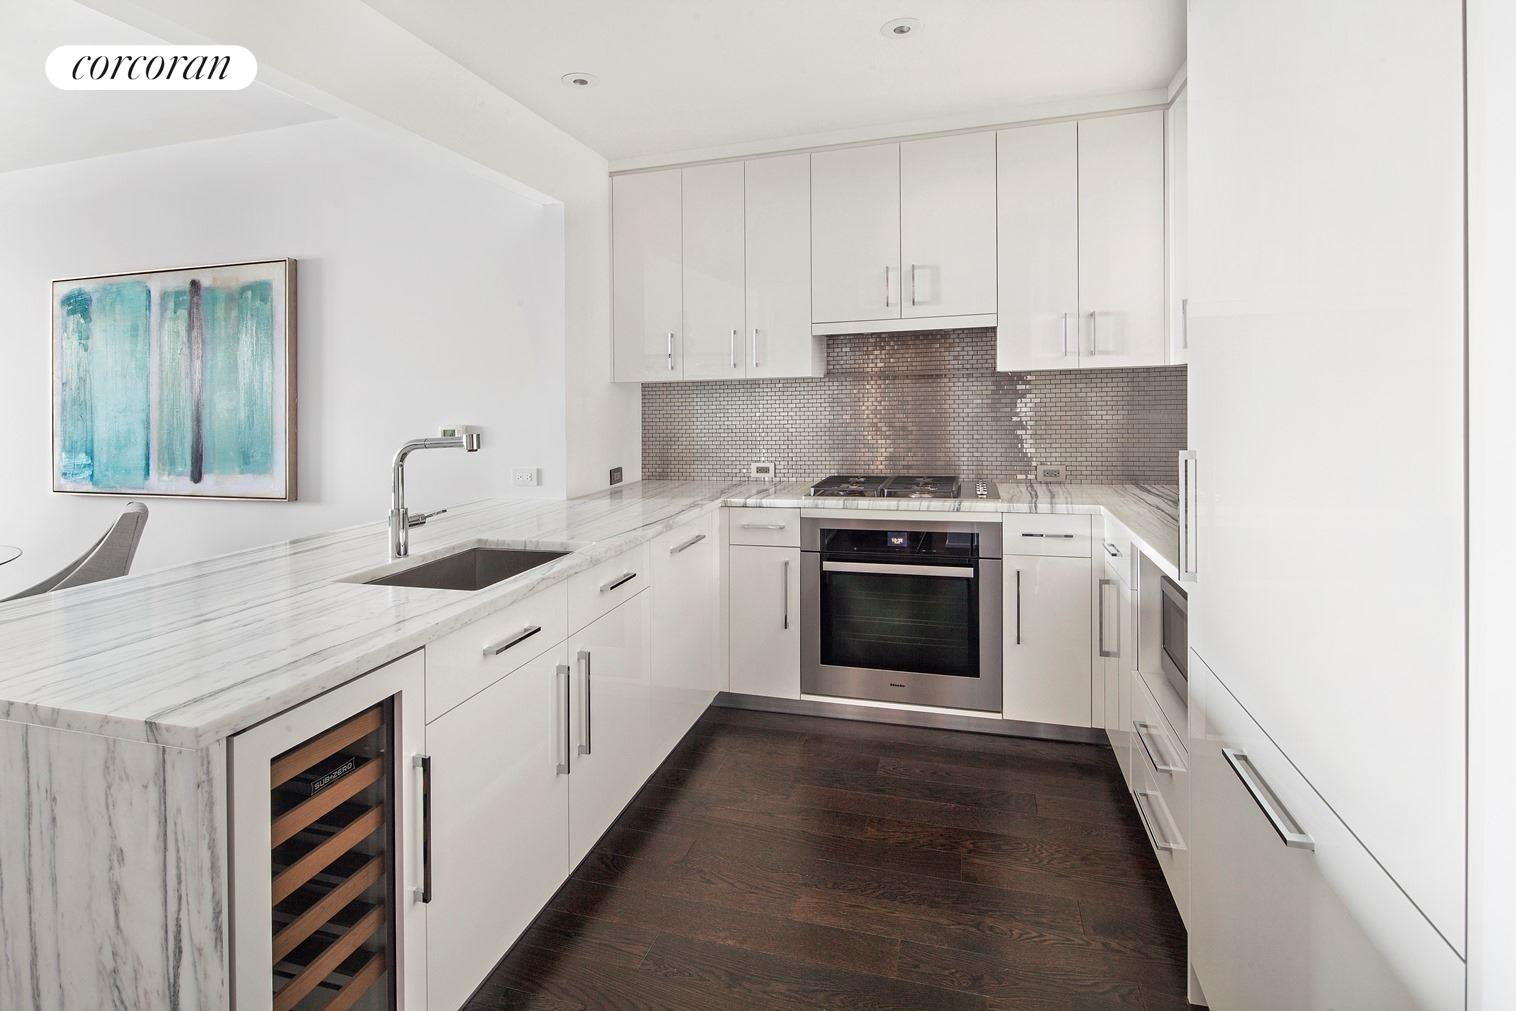 Corcoran, 50 Riverside Blvd, Apt. 5A, Upper West Side Real Estate ...